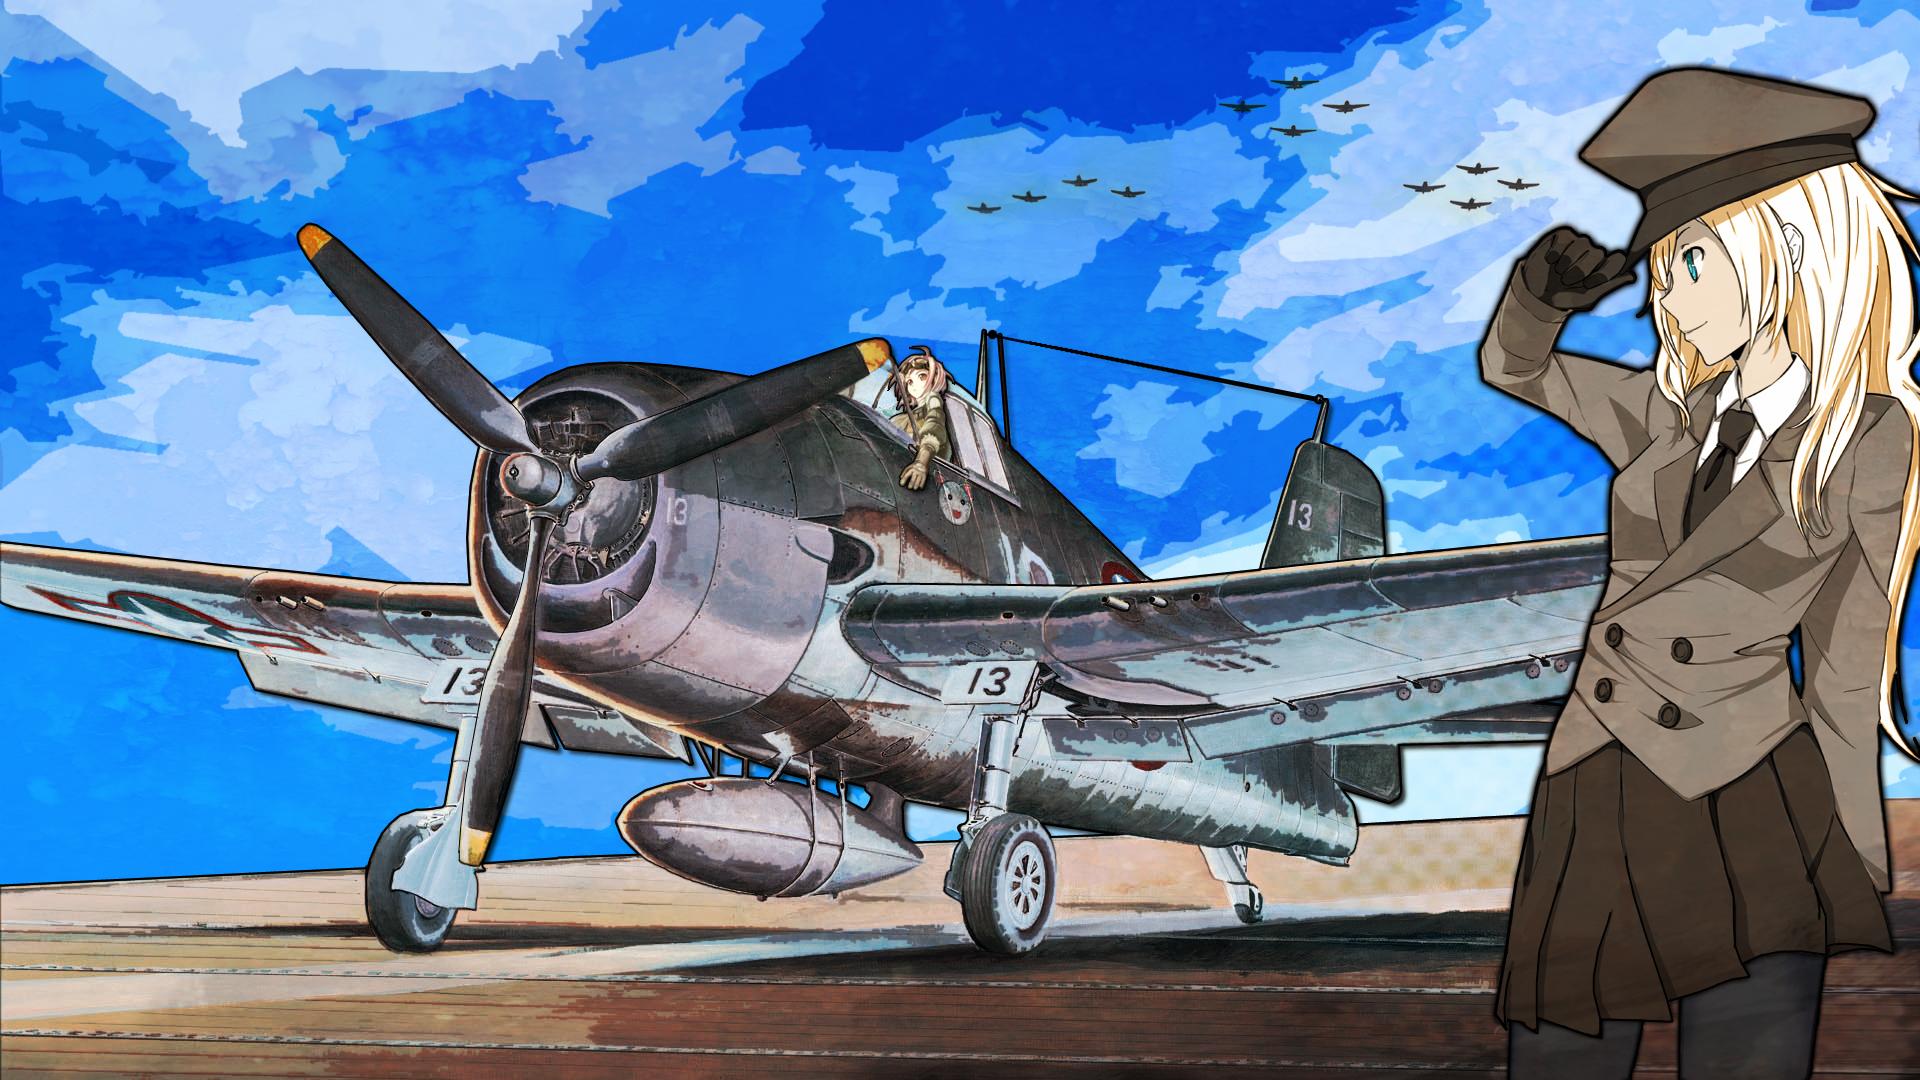 Аниме девушка и самолет картинка